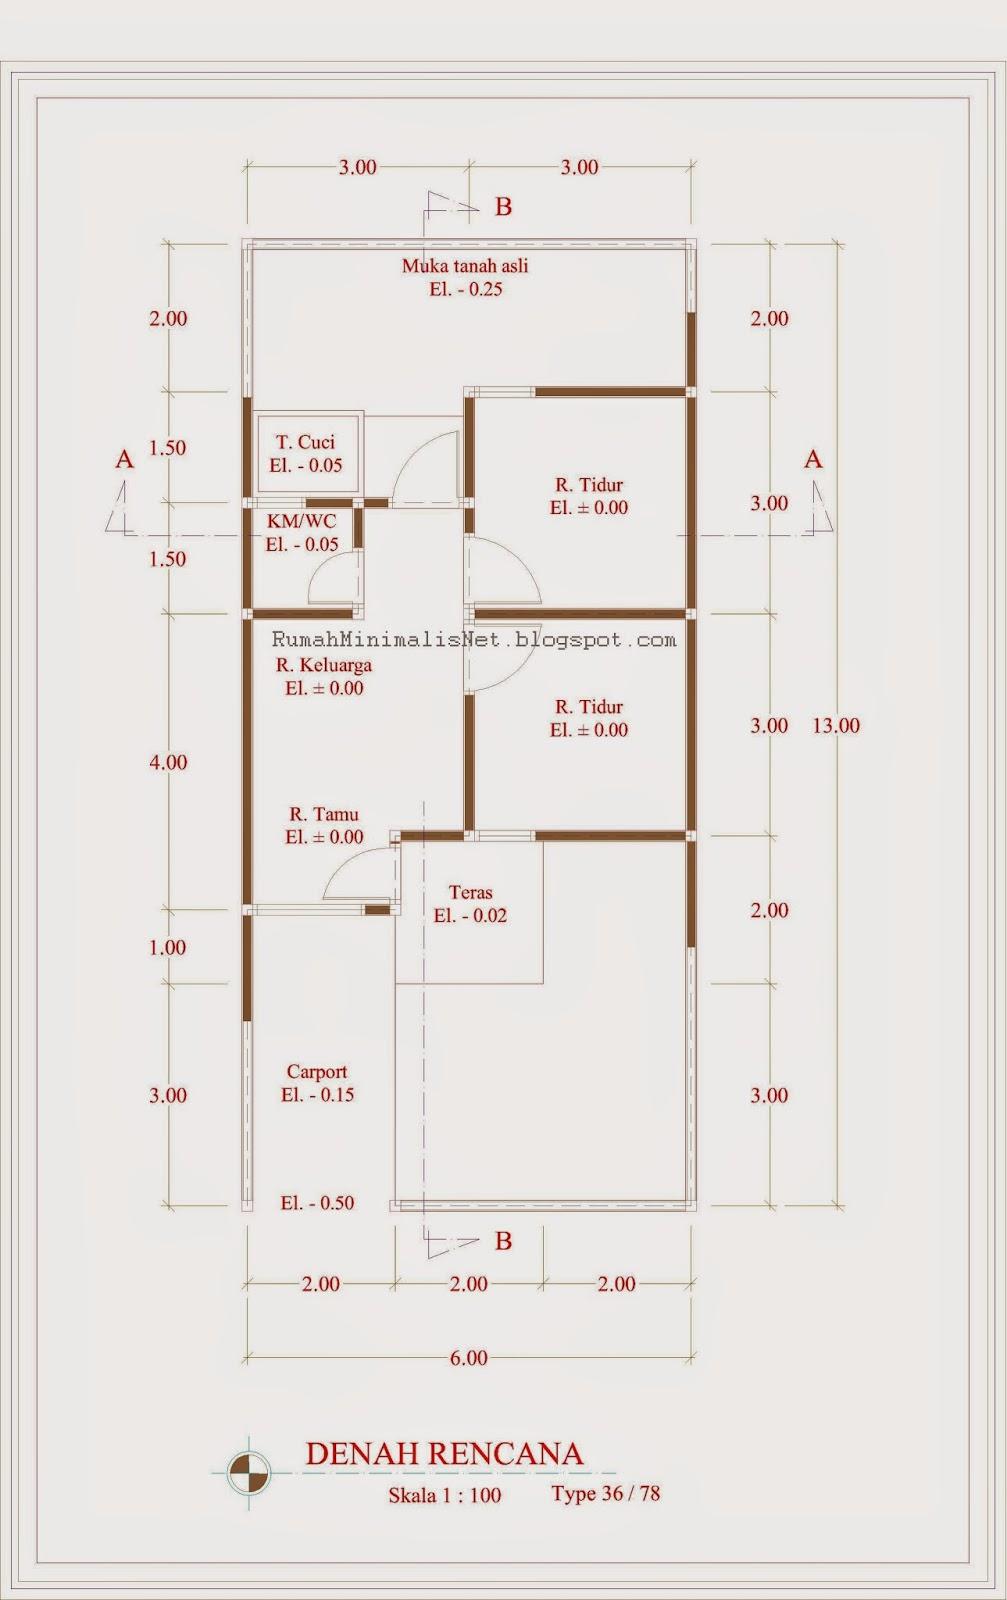 Contoh Denah Rumah Minimalis Type 36 78 Solusi Hunian Mini Elegan